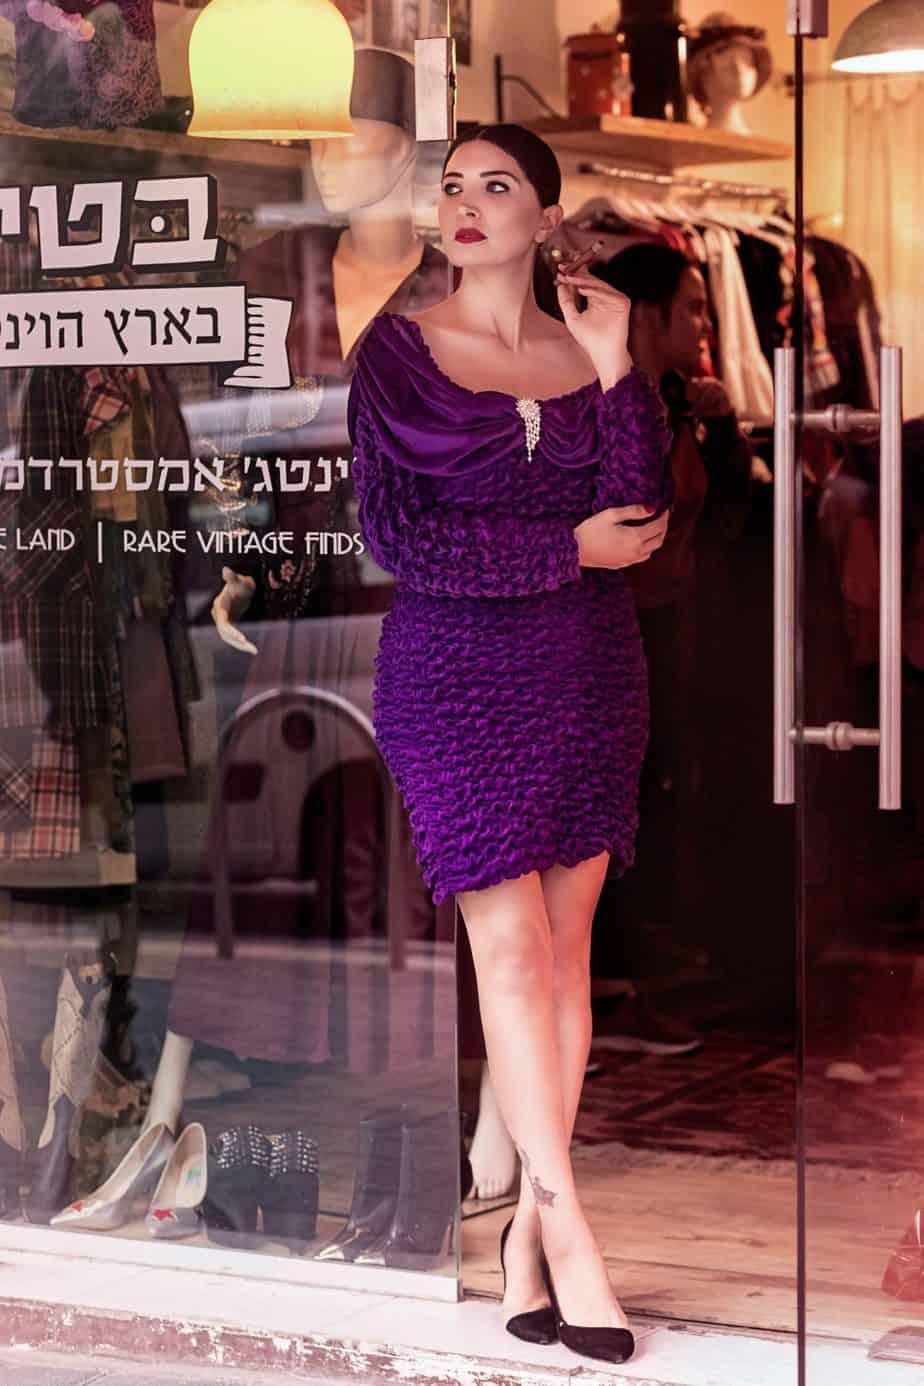 שמלת_ערב_קטיפתית_מהודרת_שנות_ה-_80. בטי בארץ הוינטג׳. מאיה אושרי כהן. צילום: Gennadiy Tsodik